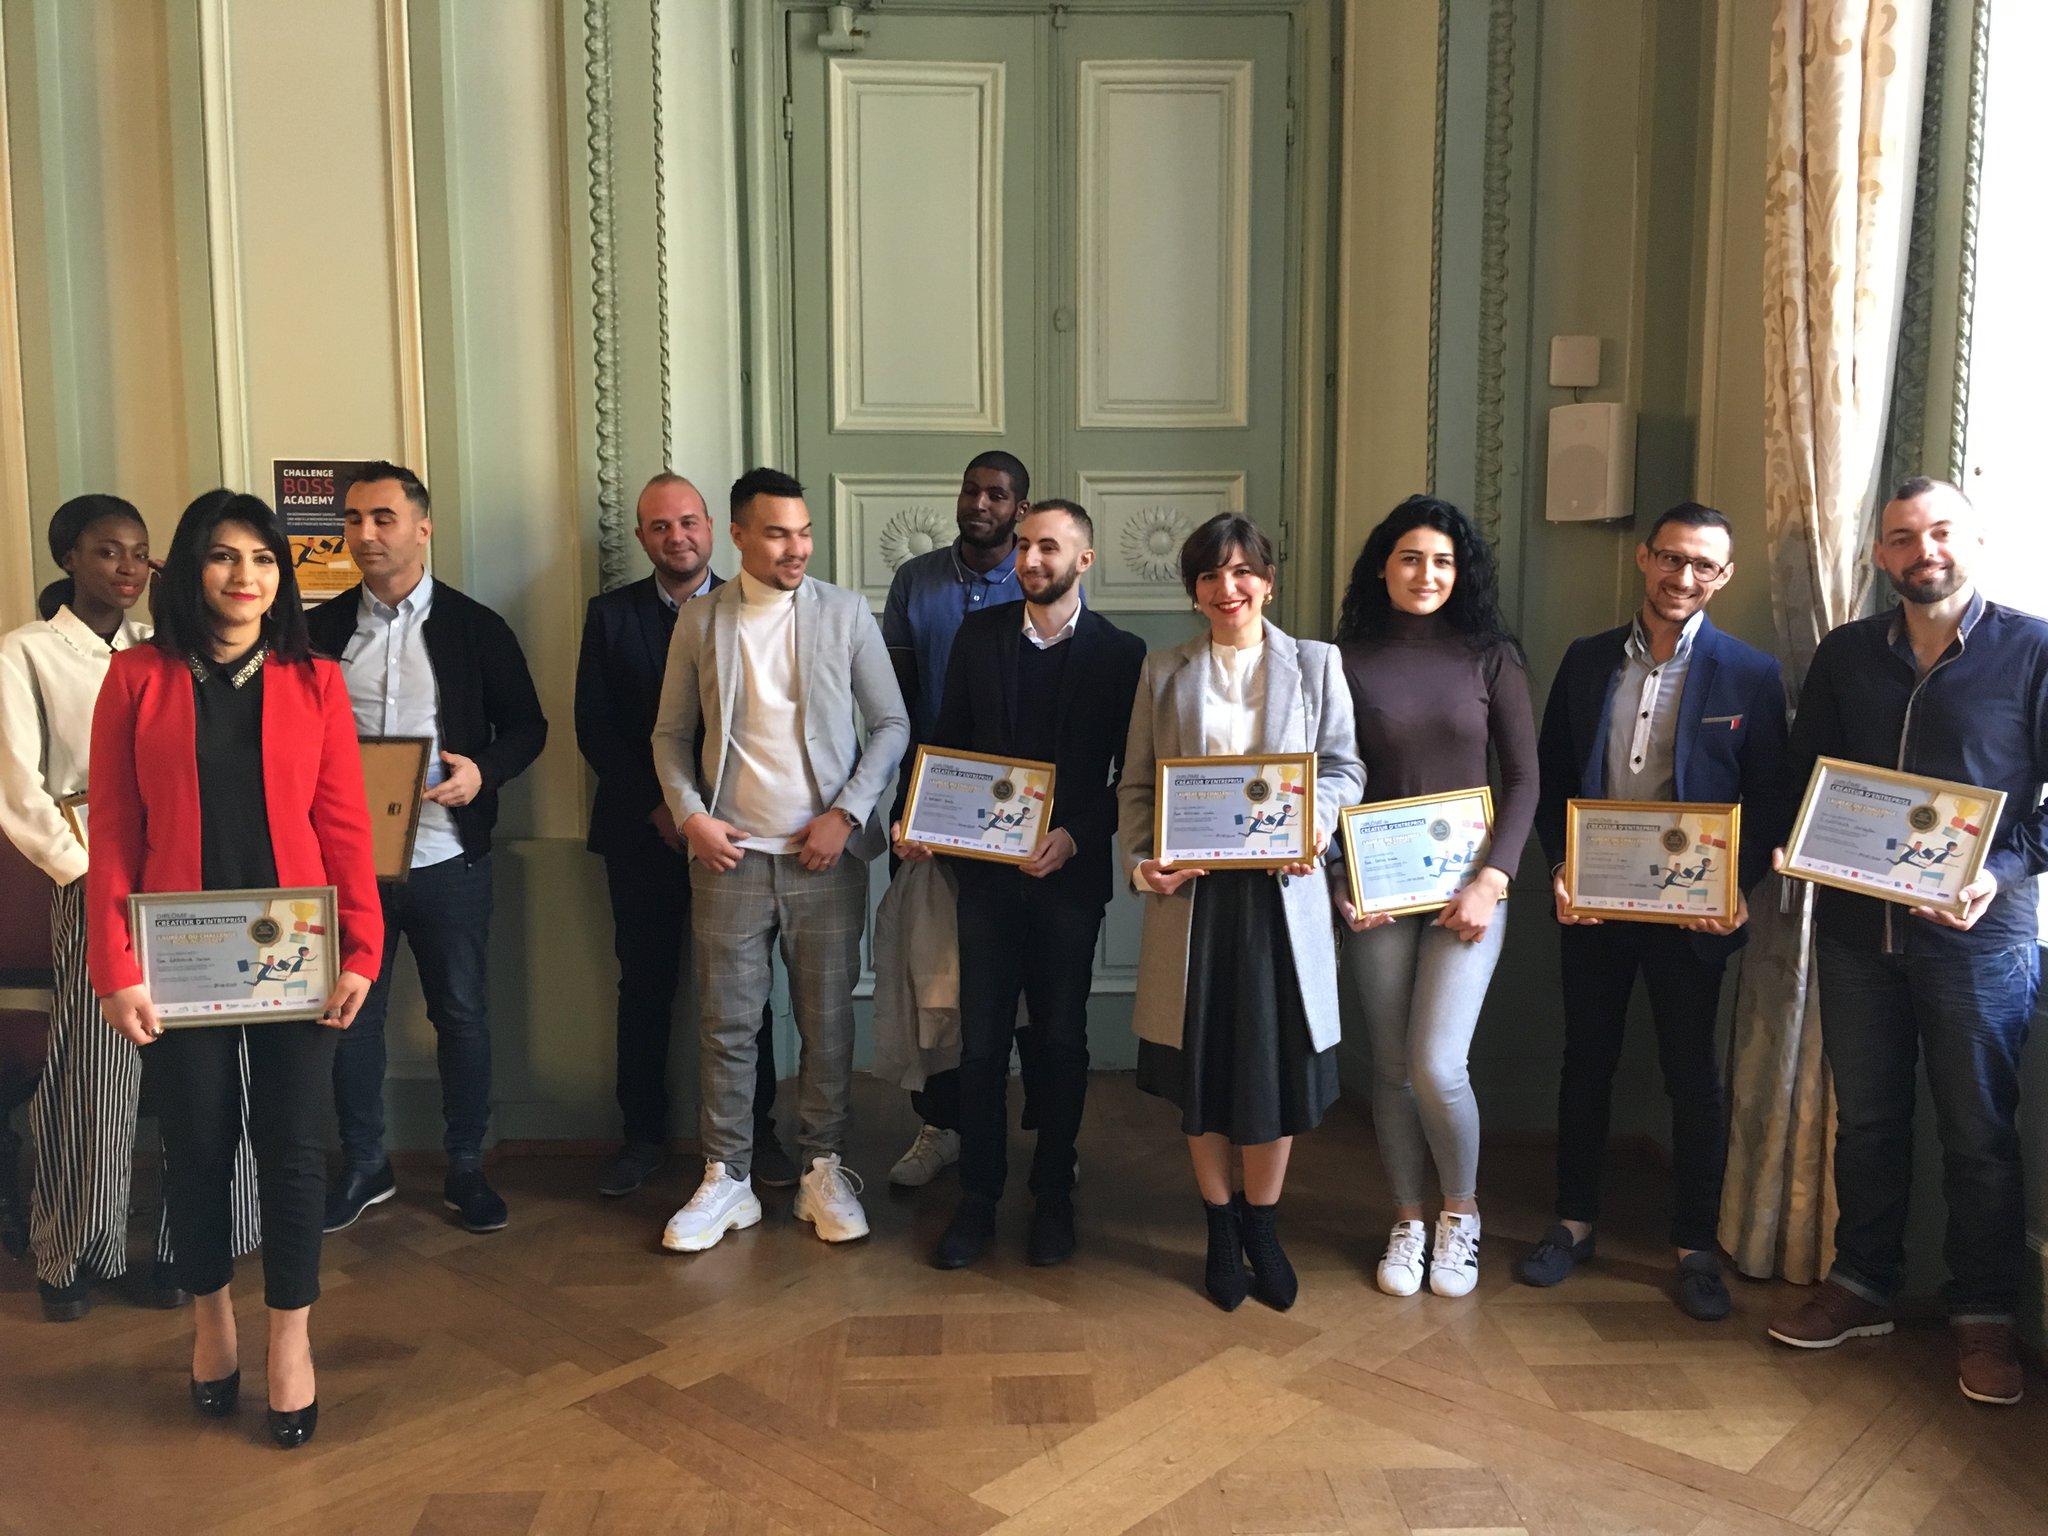 Lauréats du concours Boss Academy - Photo Ville de Metz